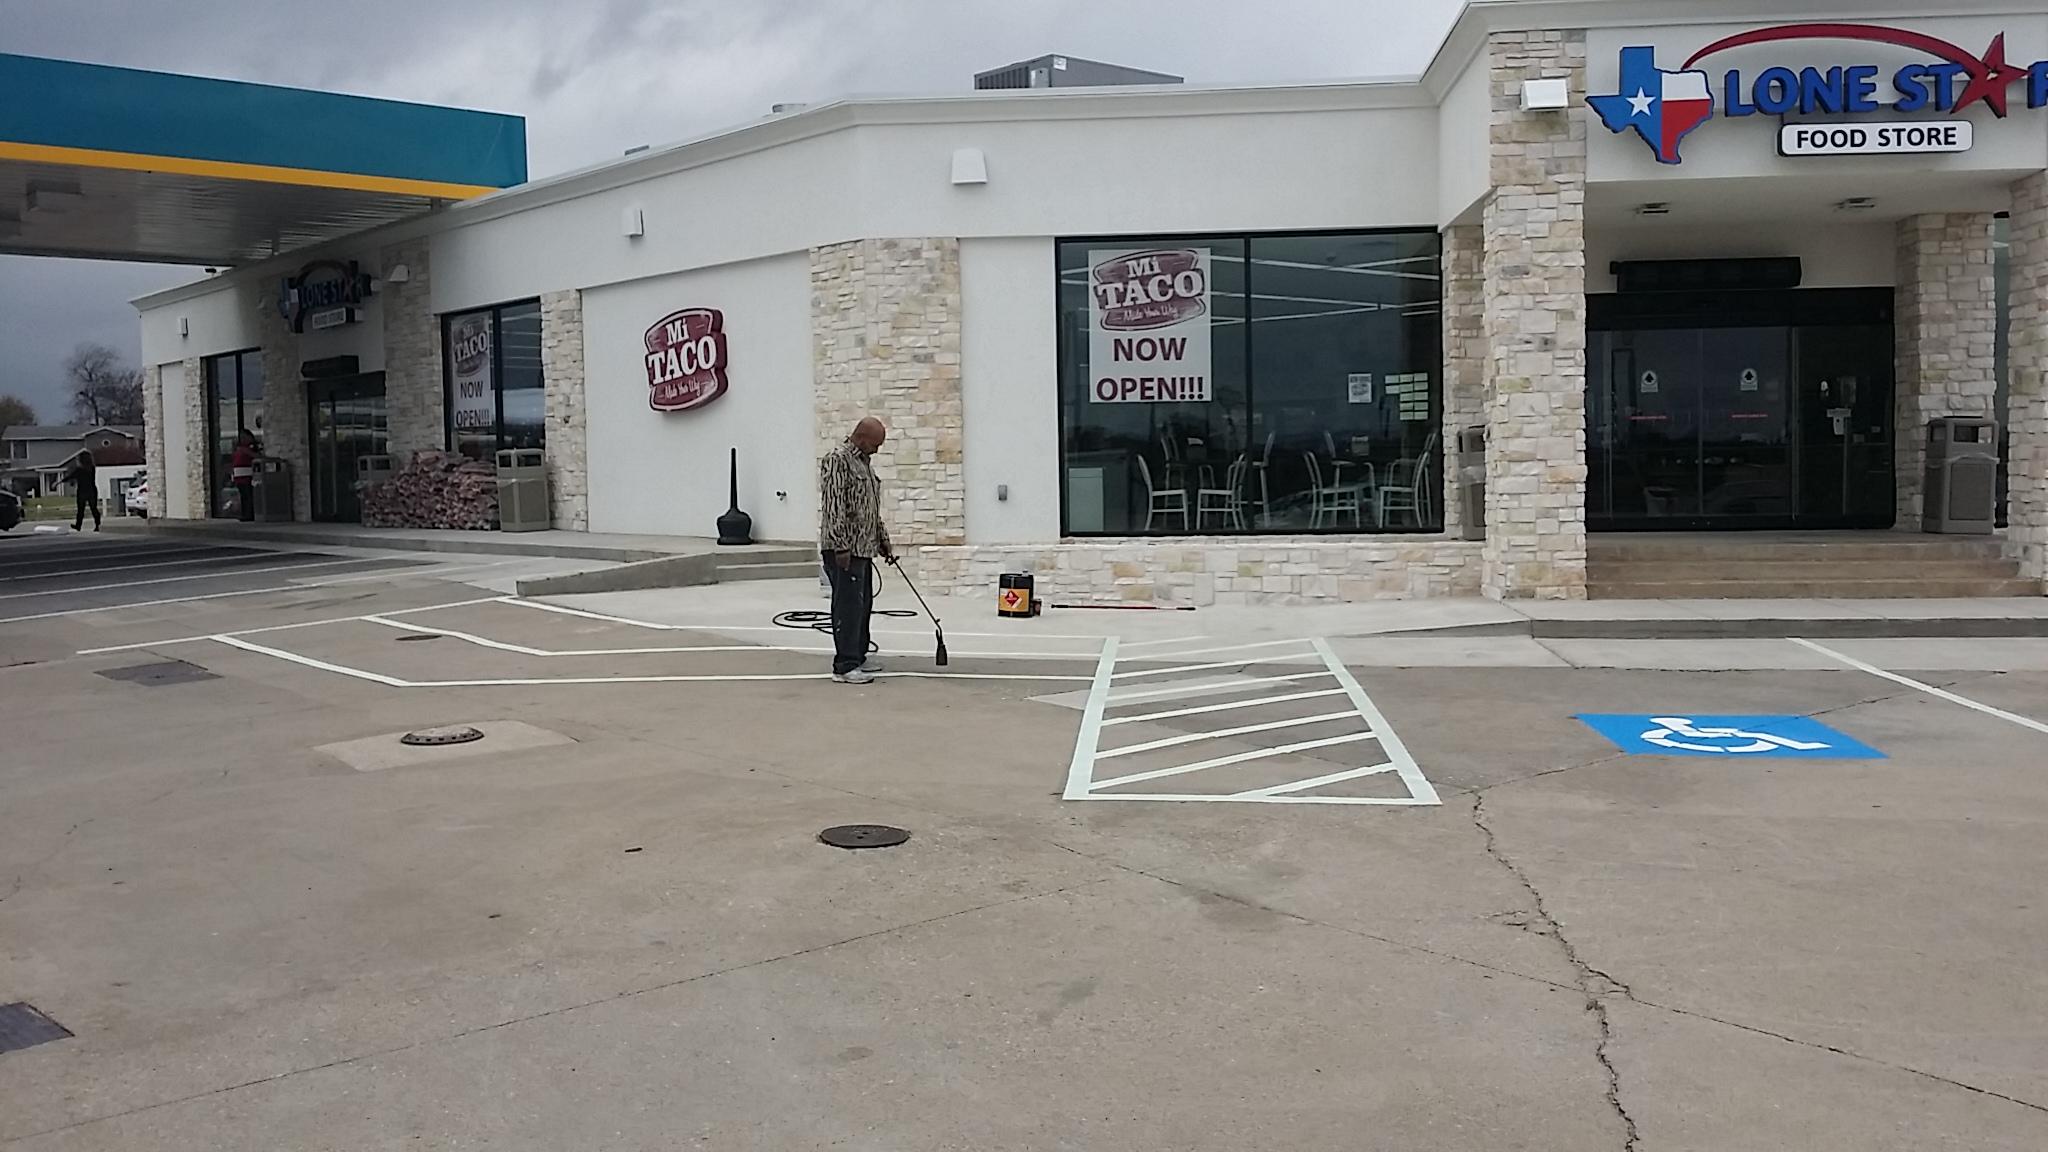 Lone Star Food Store Sherman